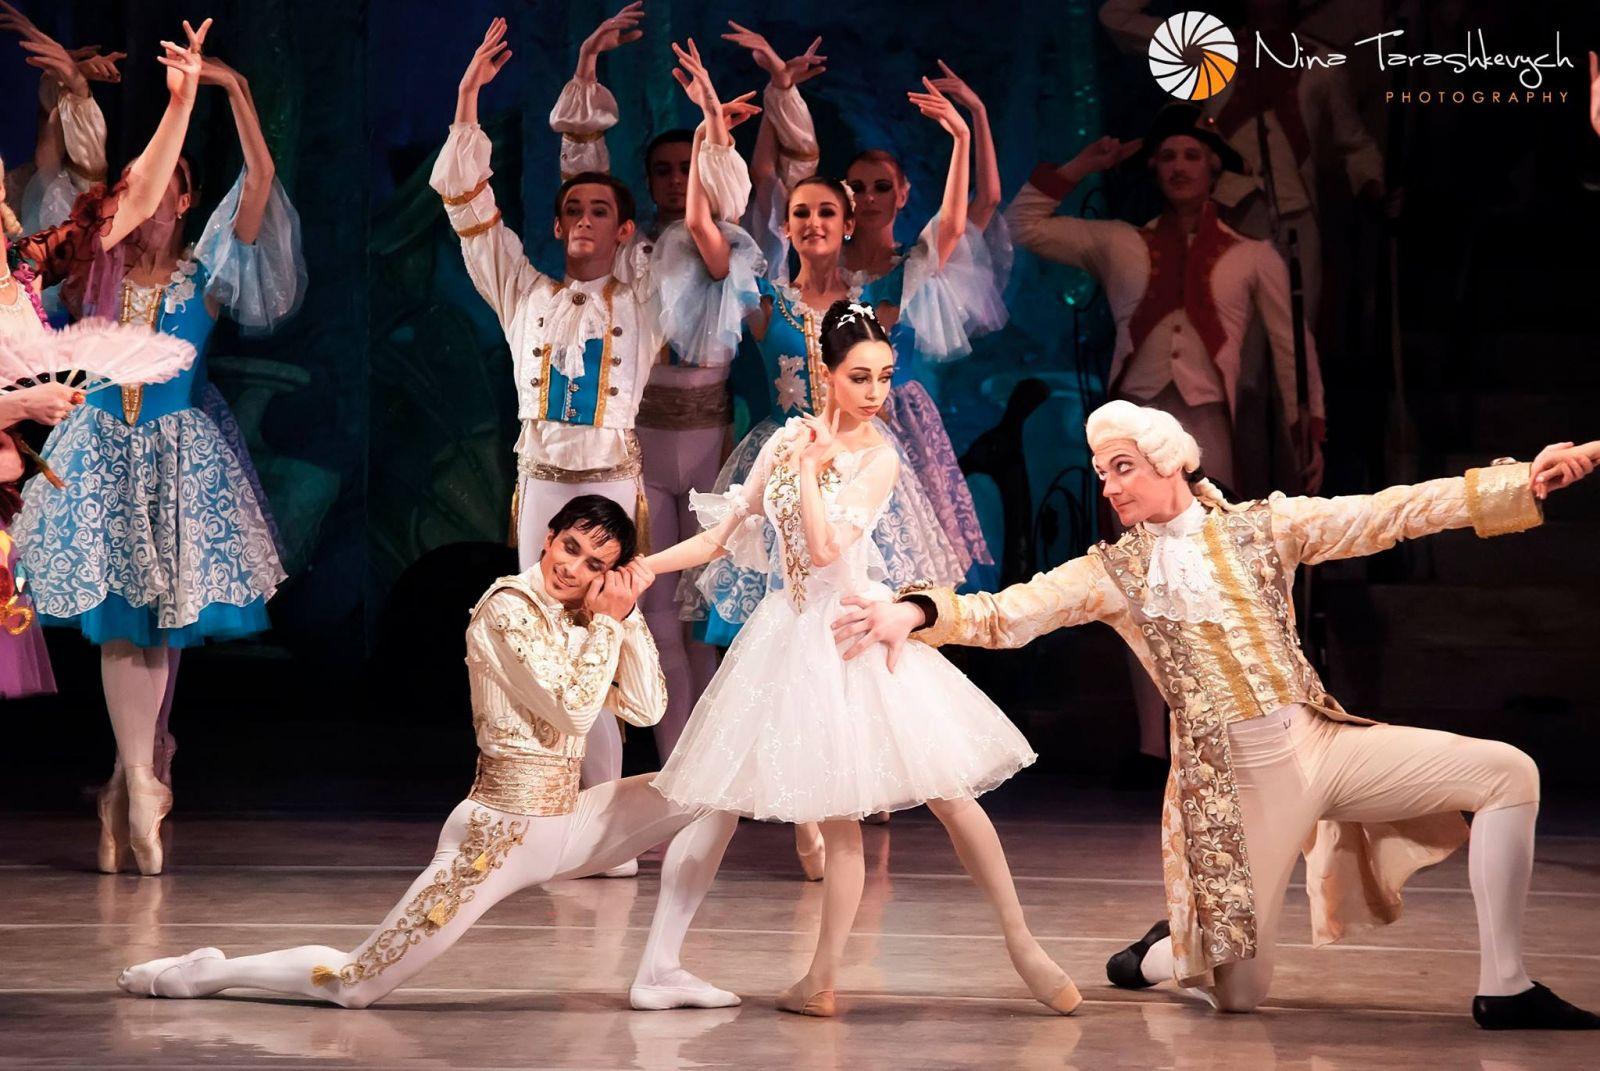 Звезды балета Александр Стоянов и Екатерина Кухар сыграли свадьбу в Монреале